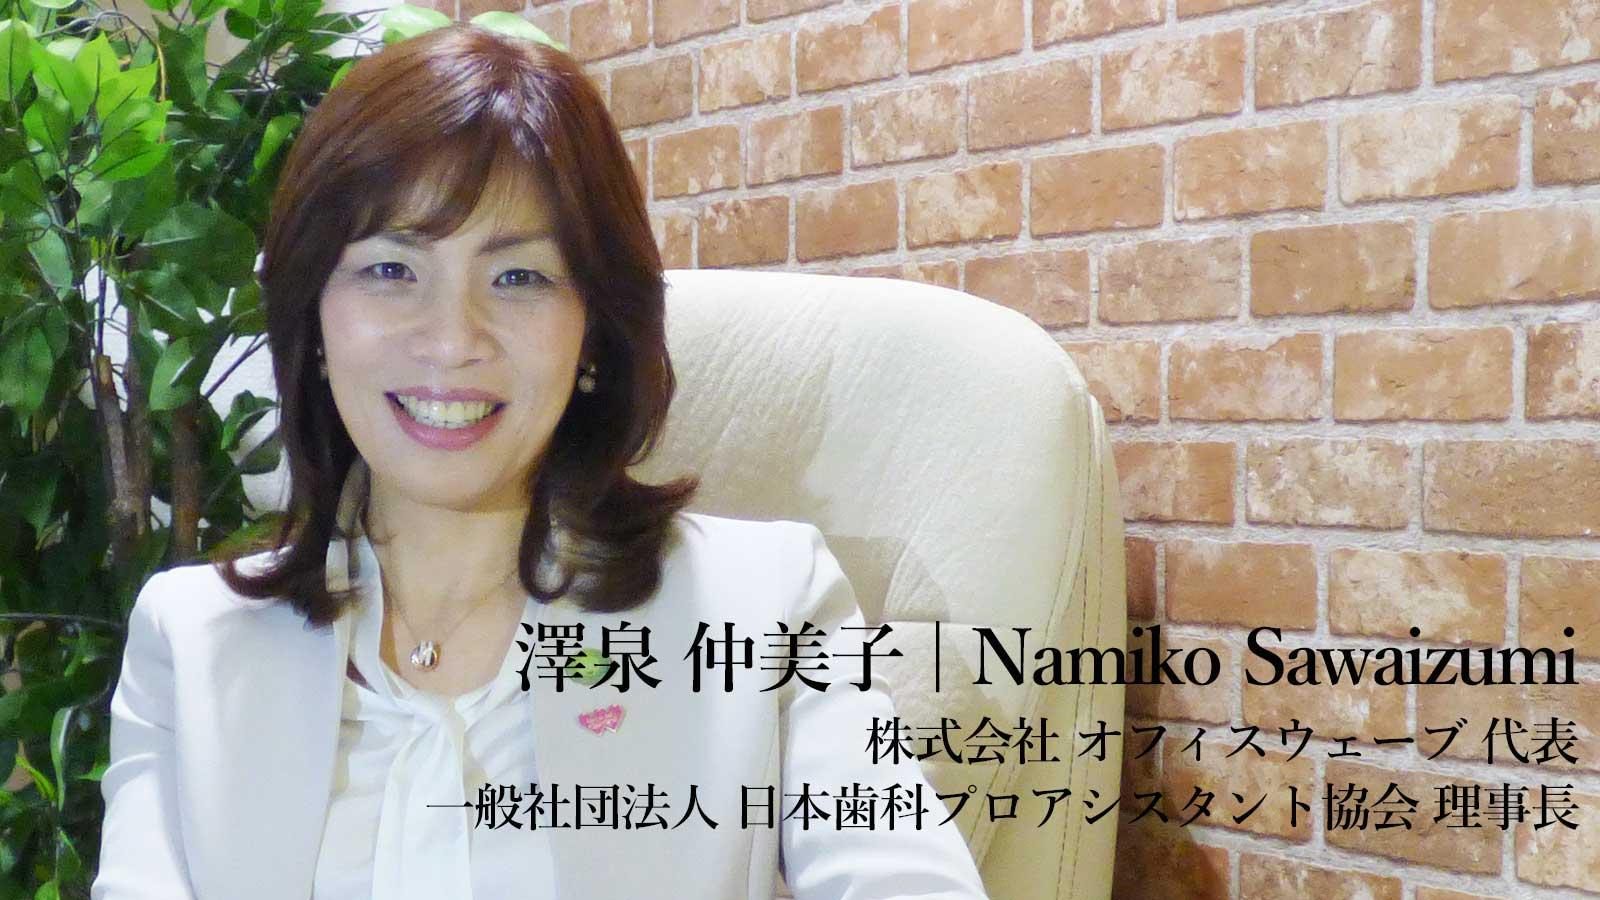 澤泉仲美子氏 『歯科助手の輝き 〜陰日向に咲く〜』の画像です